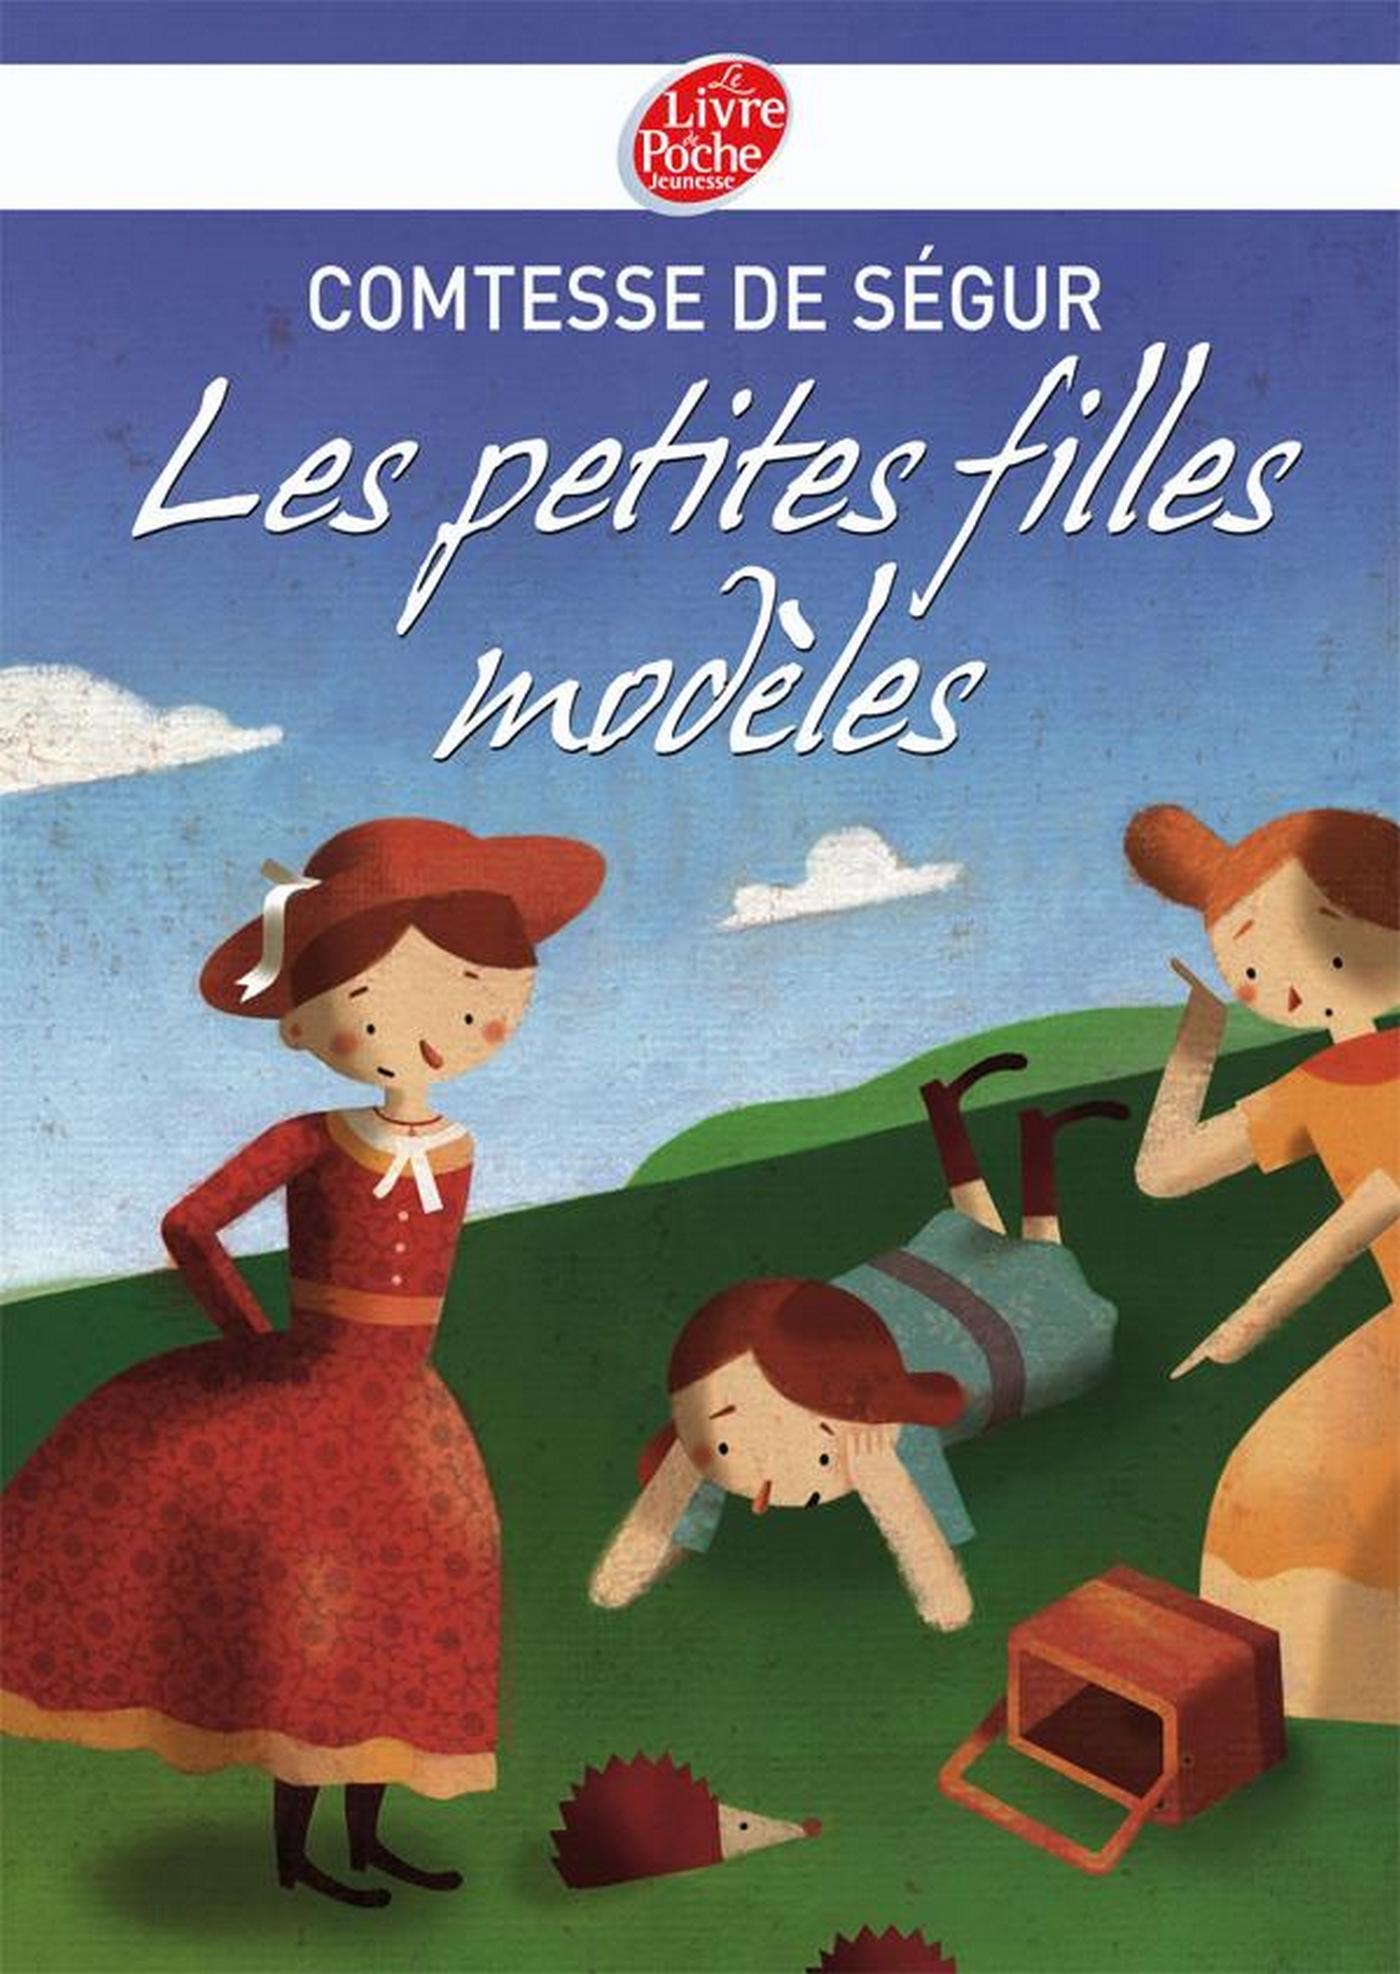 Les petites filles modèles - Texte intégral | de Ségur, Comtesse. Auteur